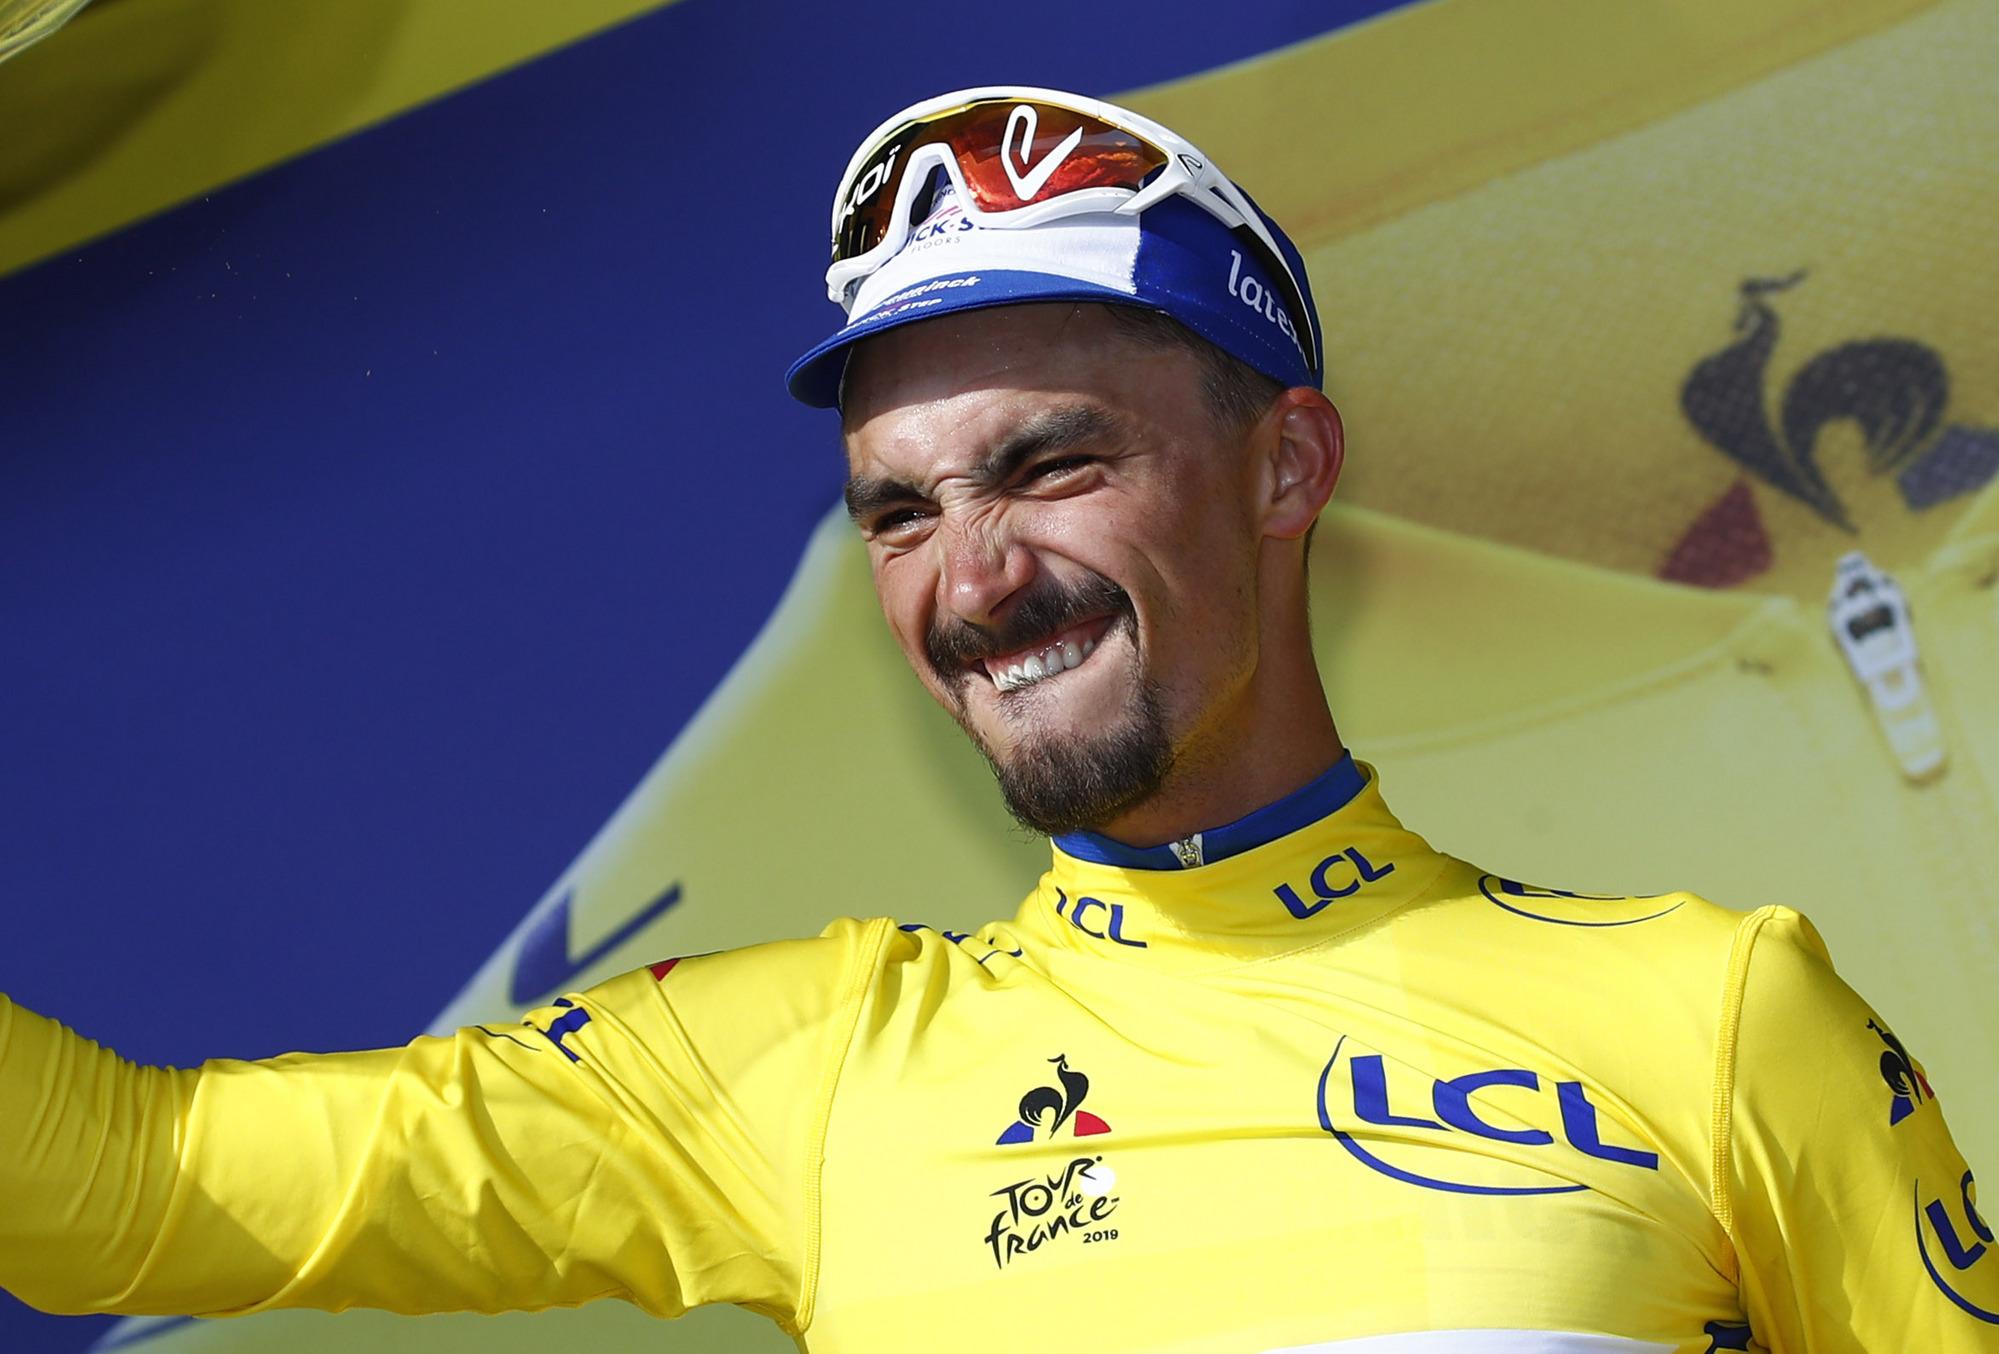 Tour de France: Alaphilippe regains maillot jaune with